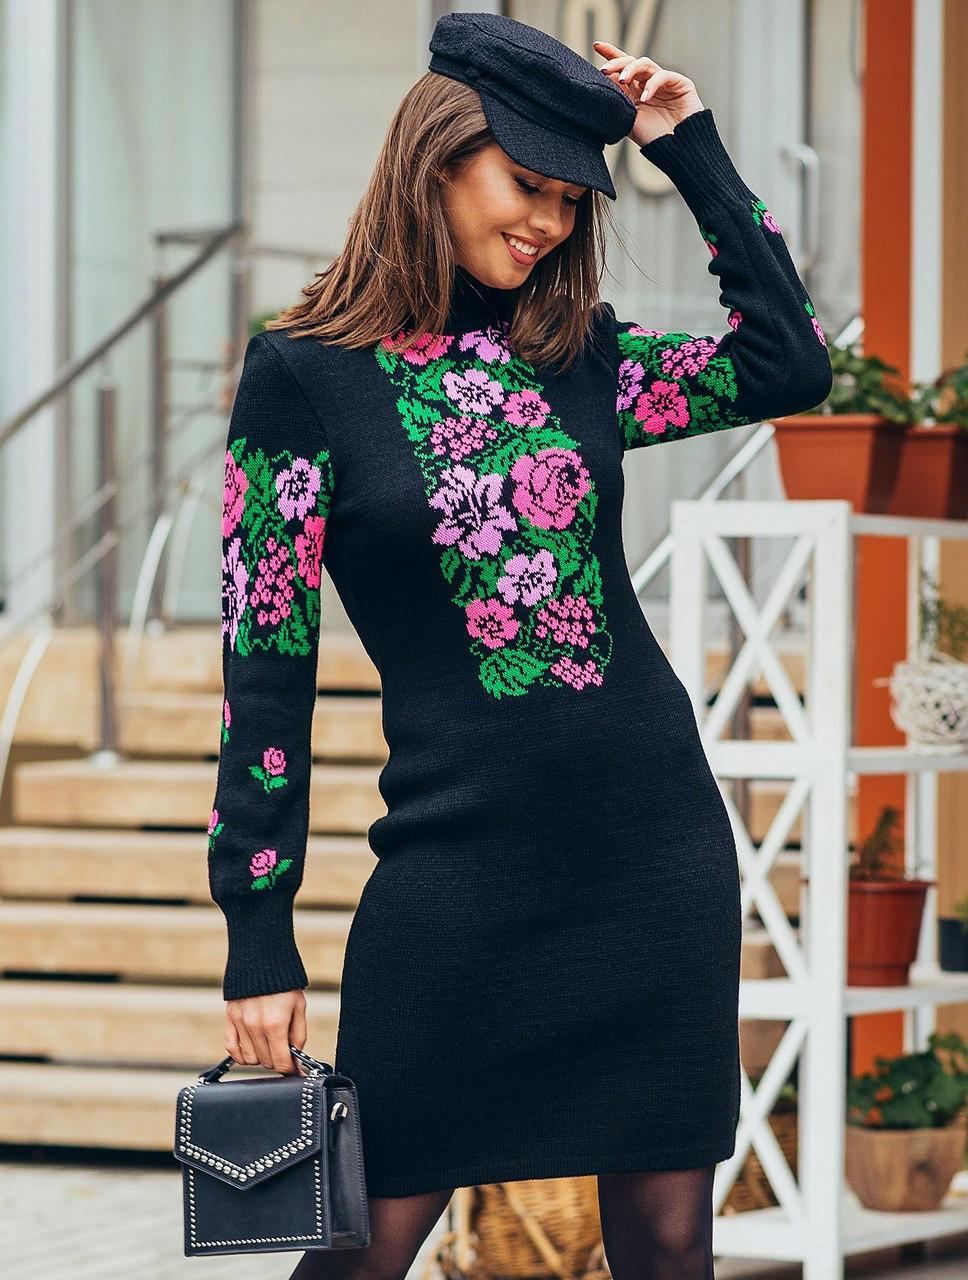 b16a45996fc Теплое вязаное платье-вышиванка с орнаментом